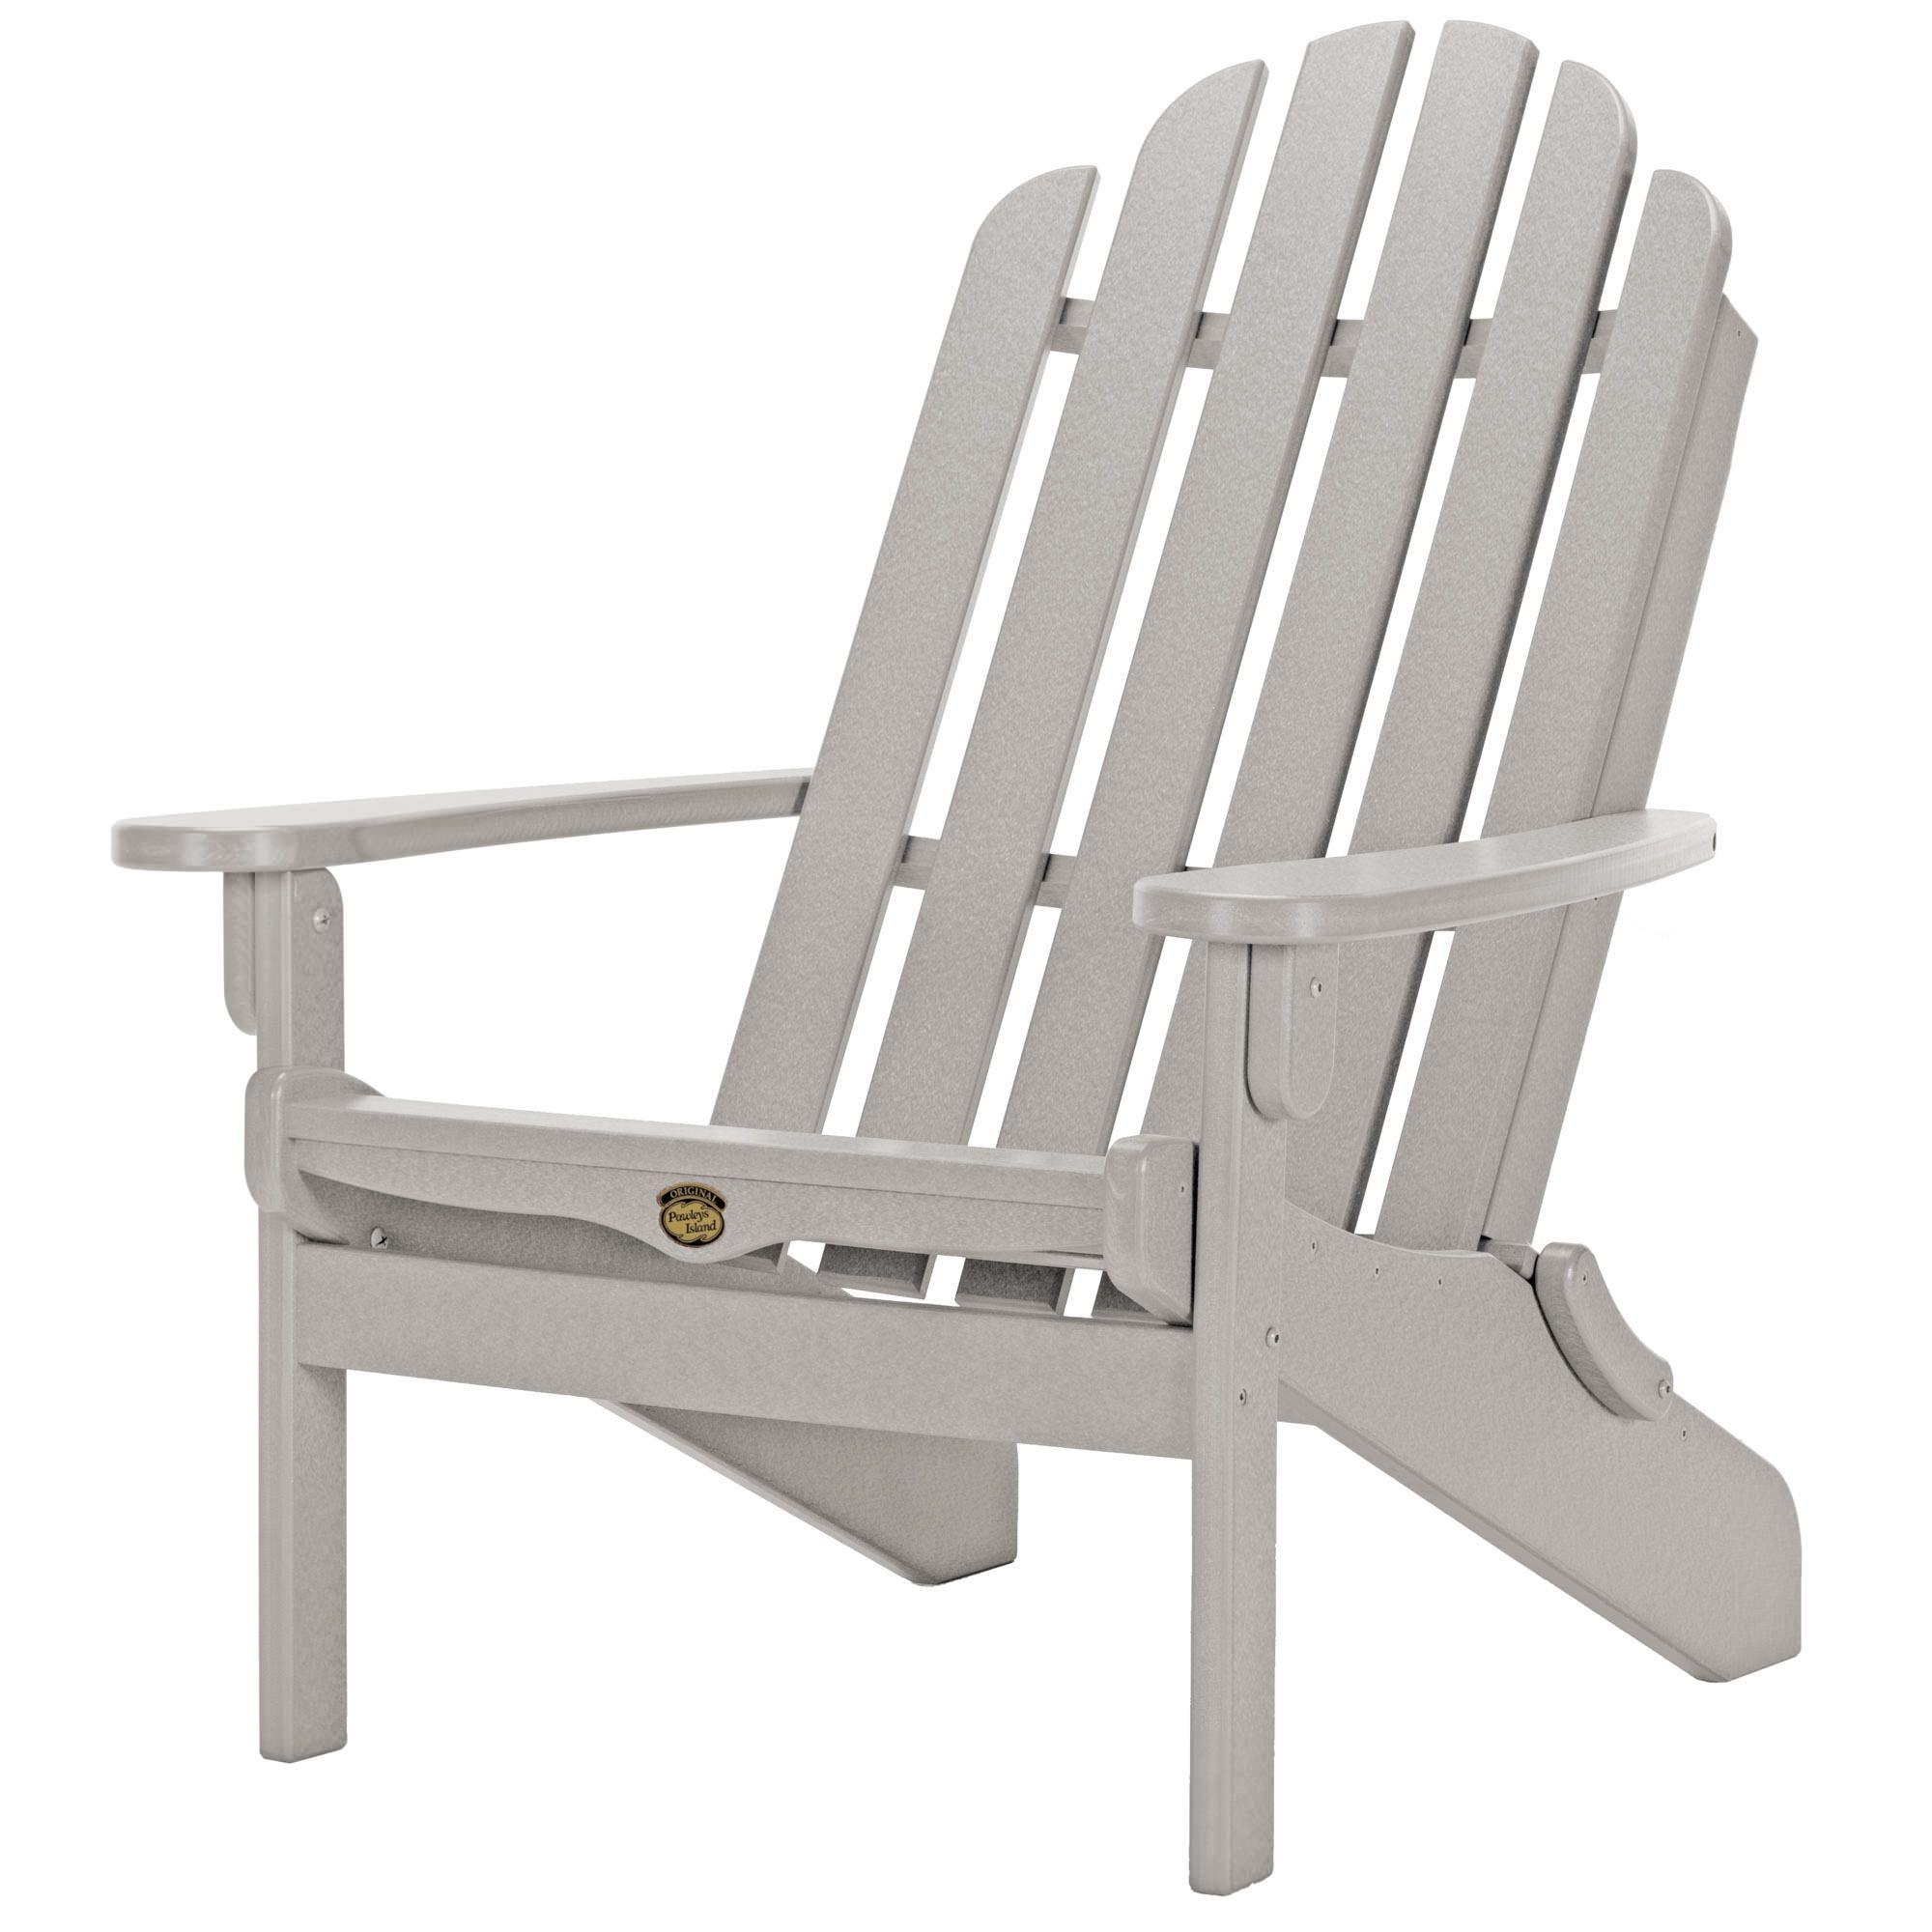 Außergewöhnlich Weisse Stühle Das Beste Von Weiße Adirondack Stühle Überprüfen Sie Mehr Unter